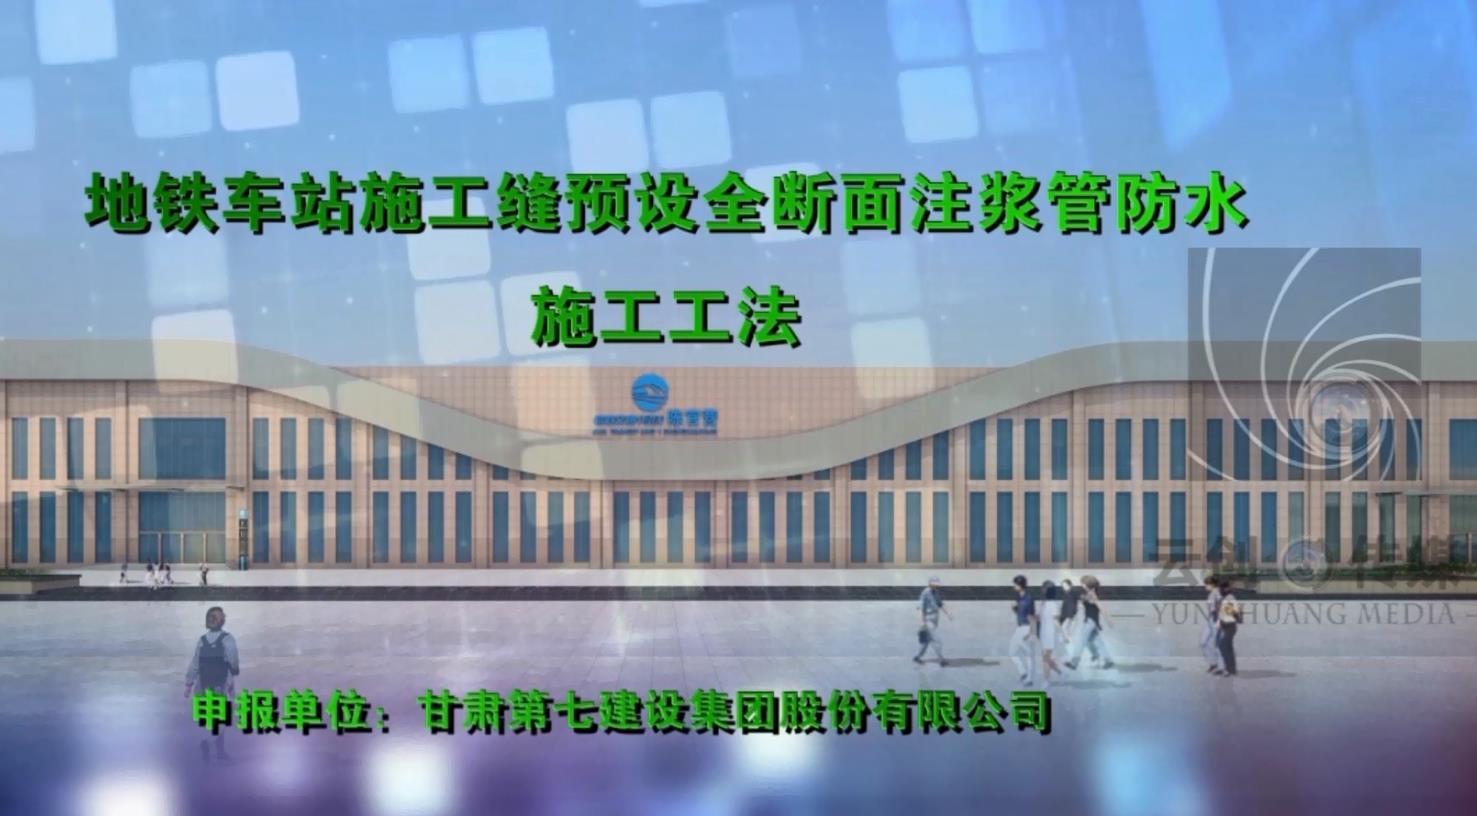 甘肃七建-地铁车站施工缝预设全断面注浆管防水